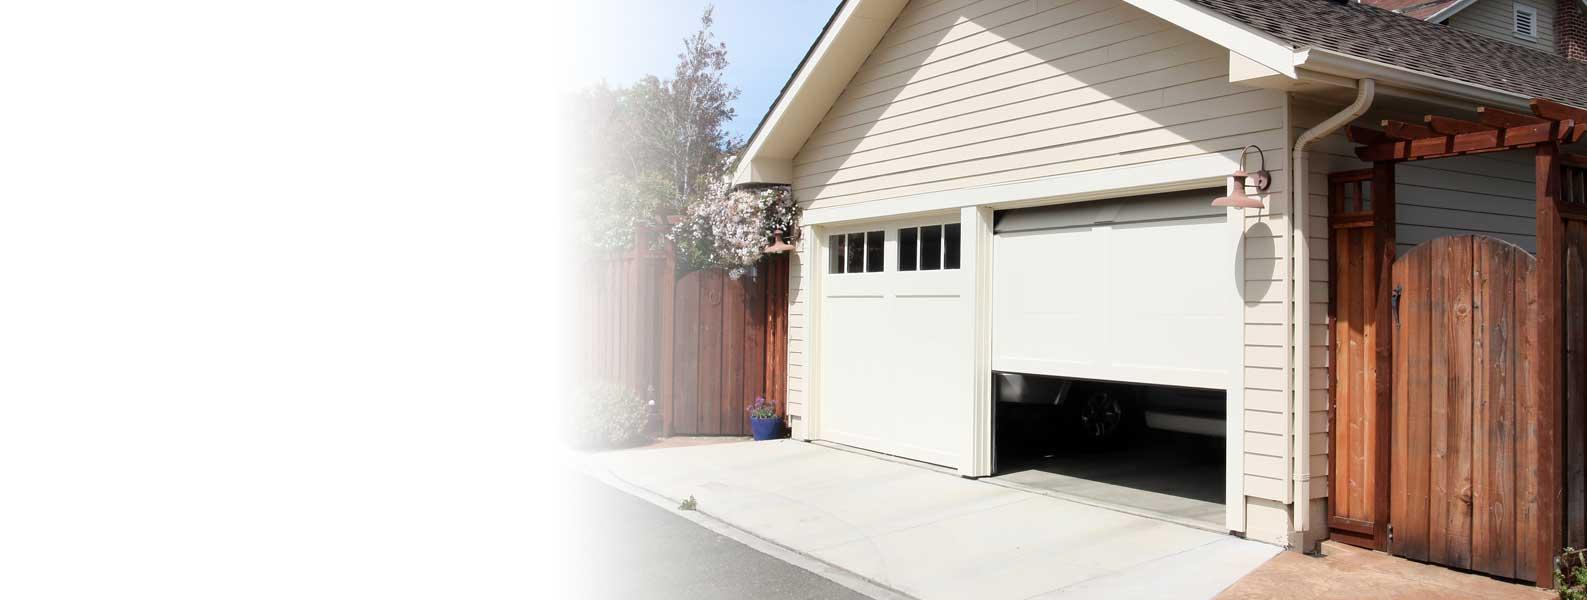 100 garage door sensors ideas great garage door with garage